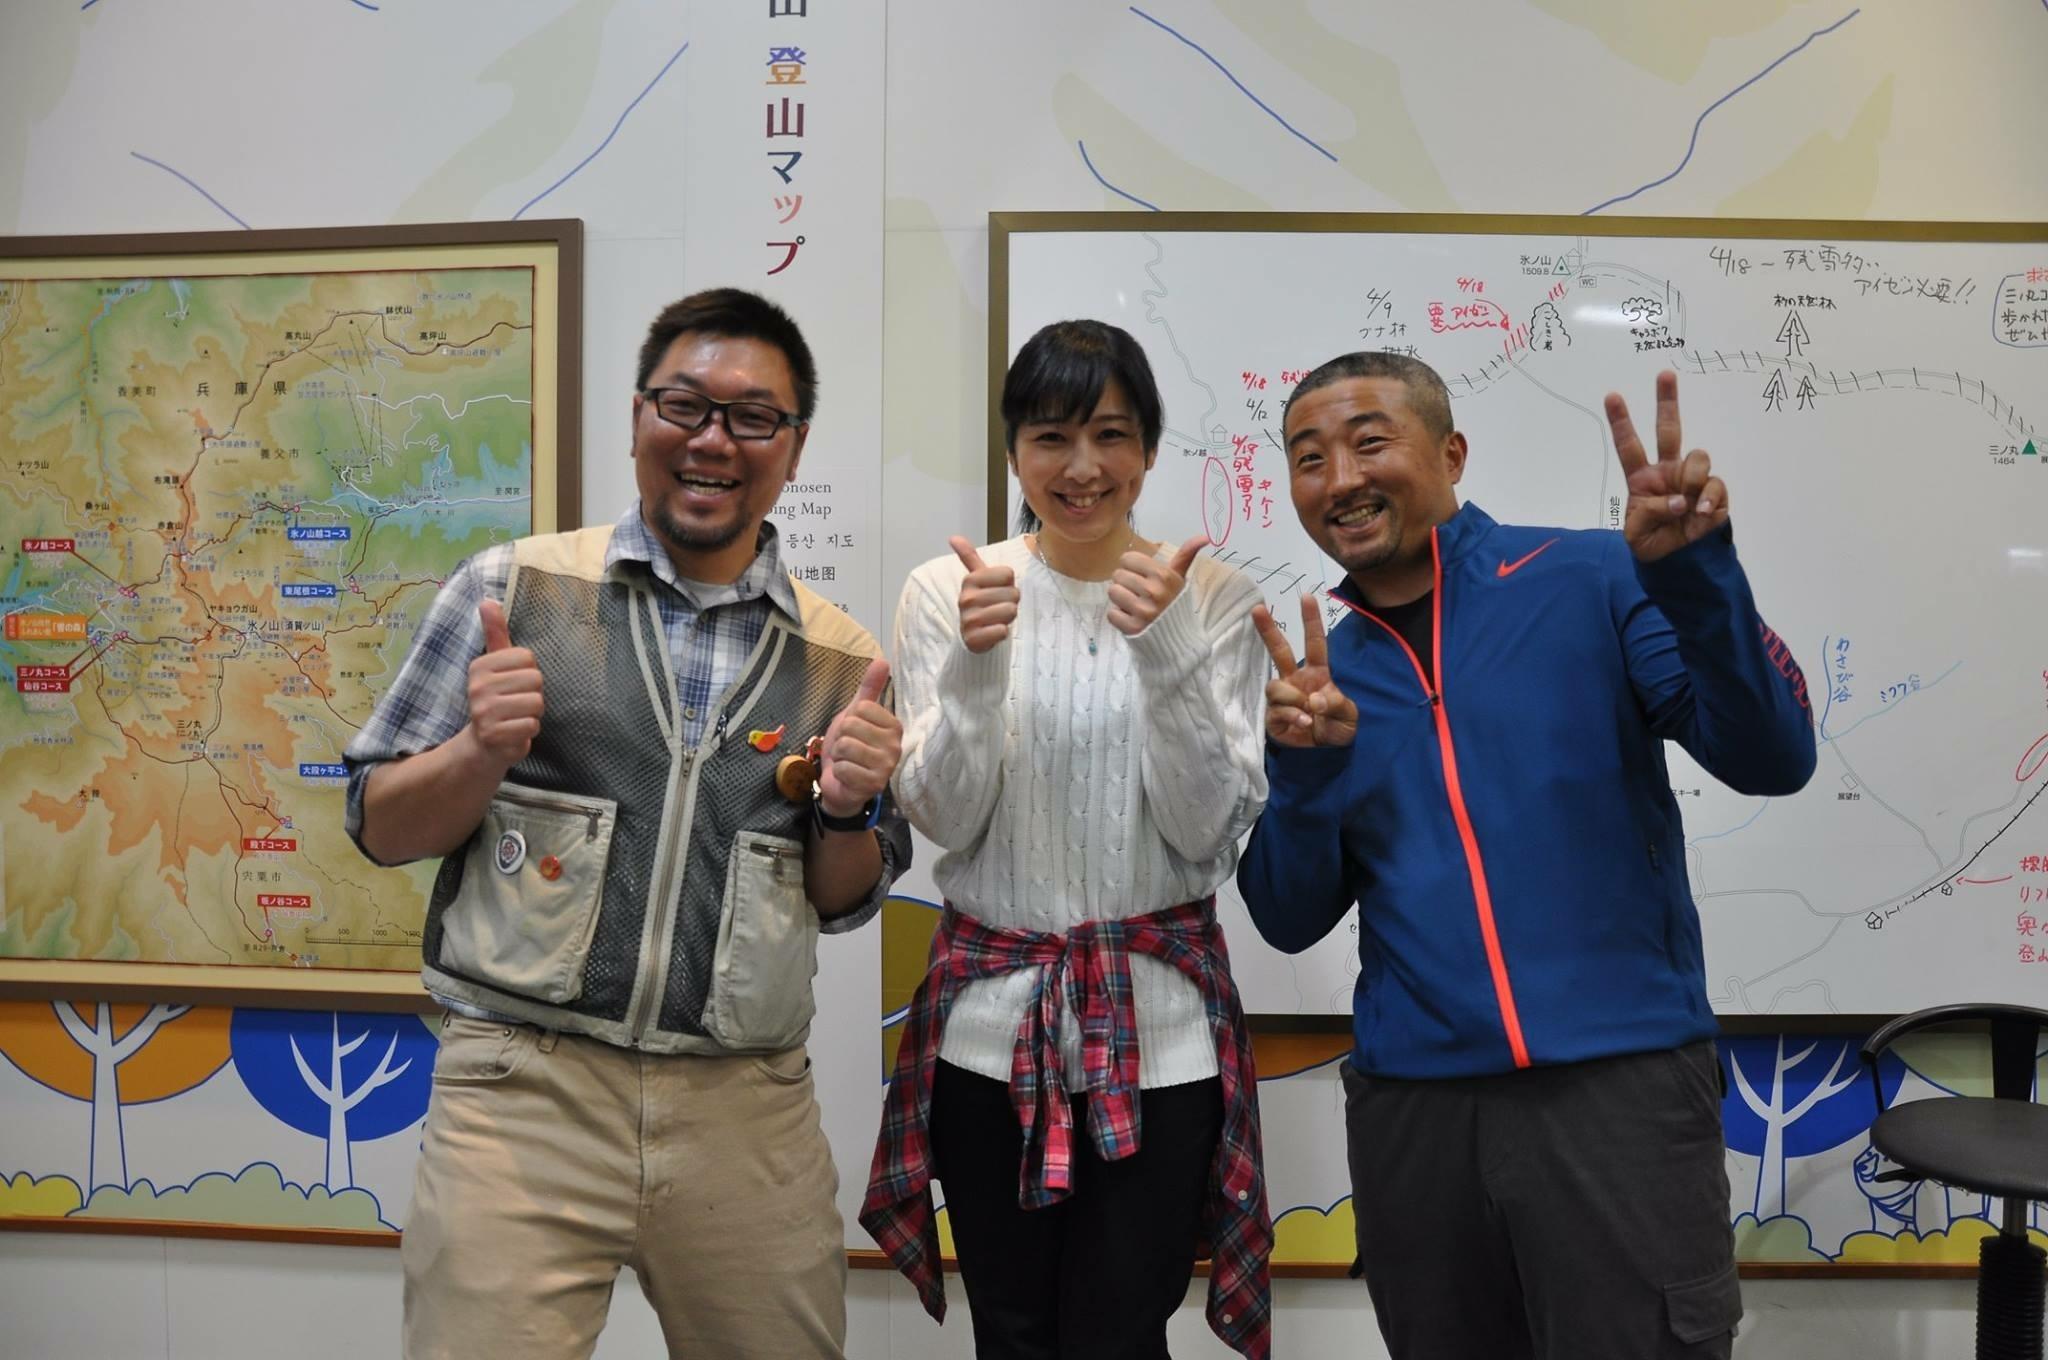 柴田美咲さんと握手したよ!_f0101226_06191925.jpg